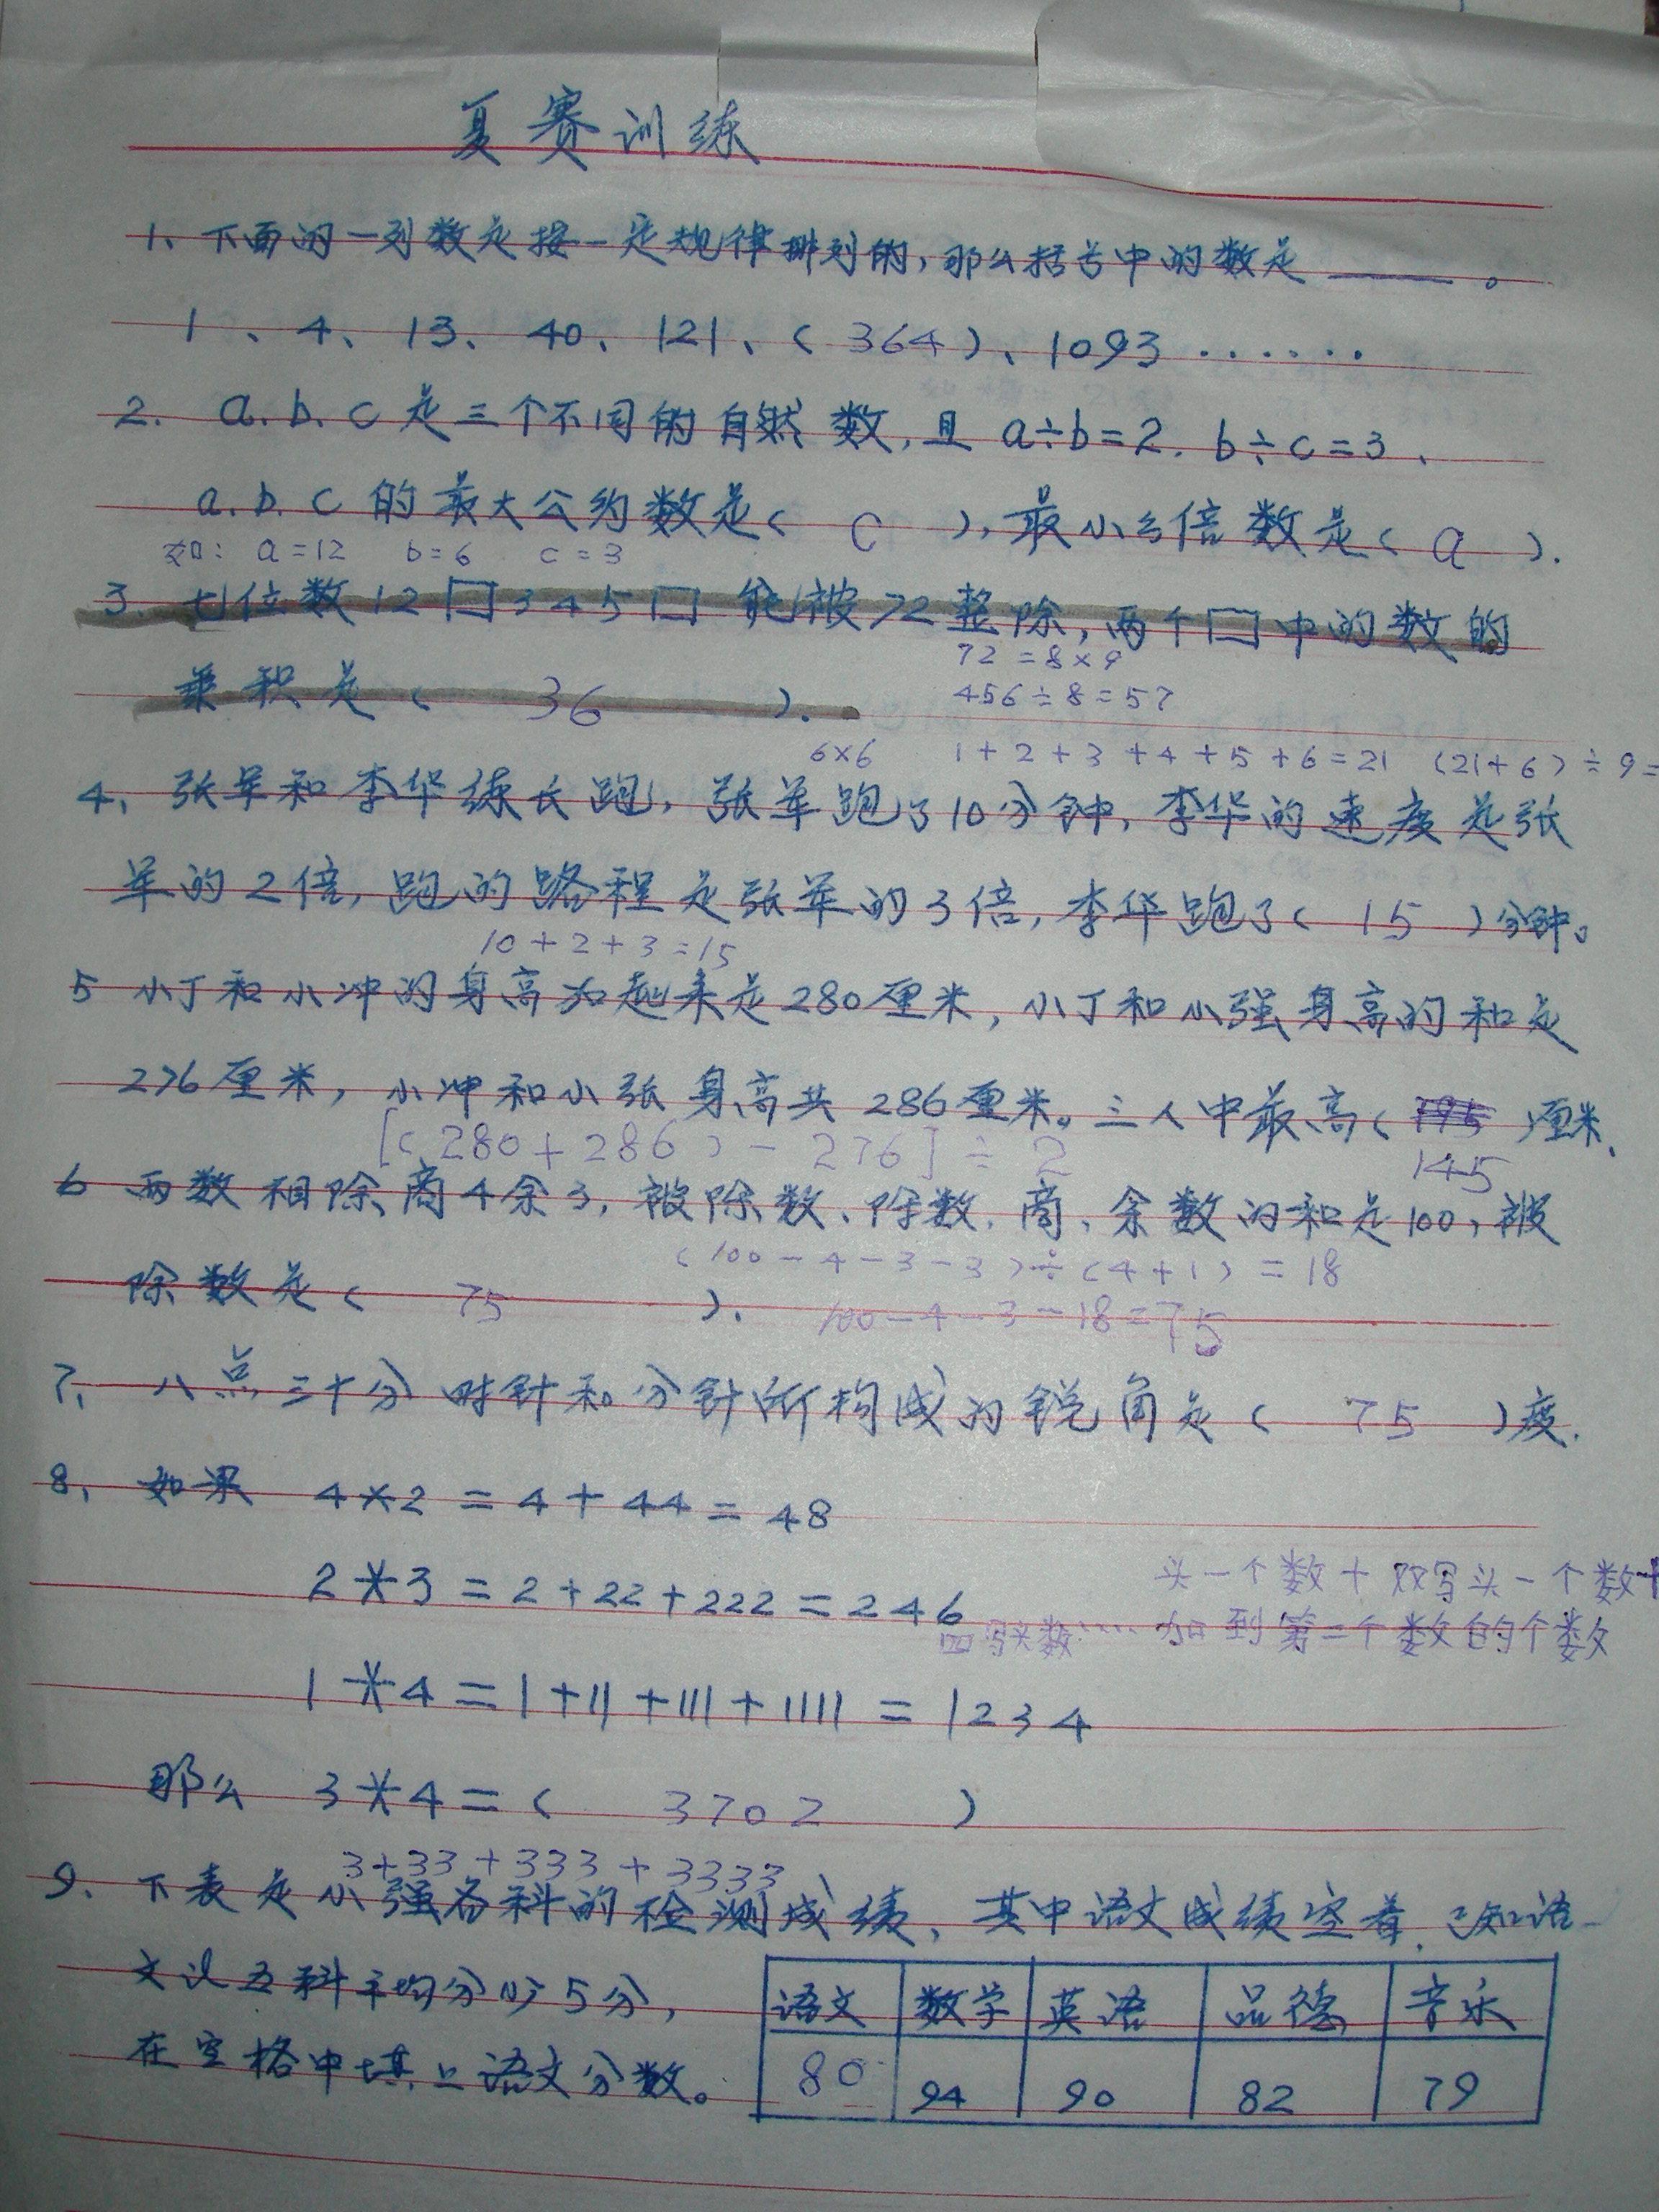 数学竞赛训练题目·回忆6.JPG